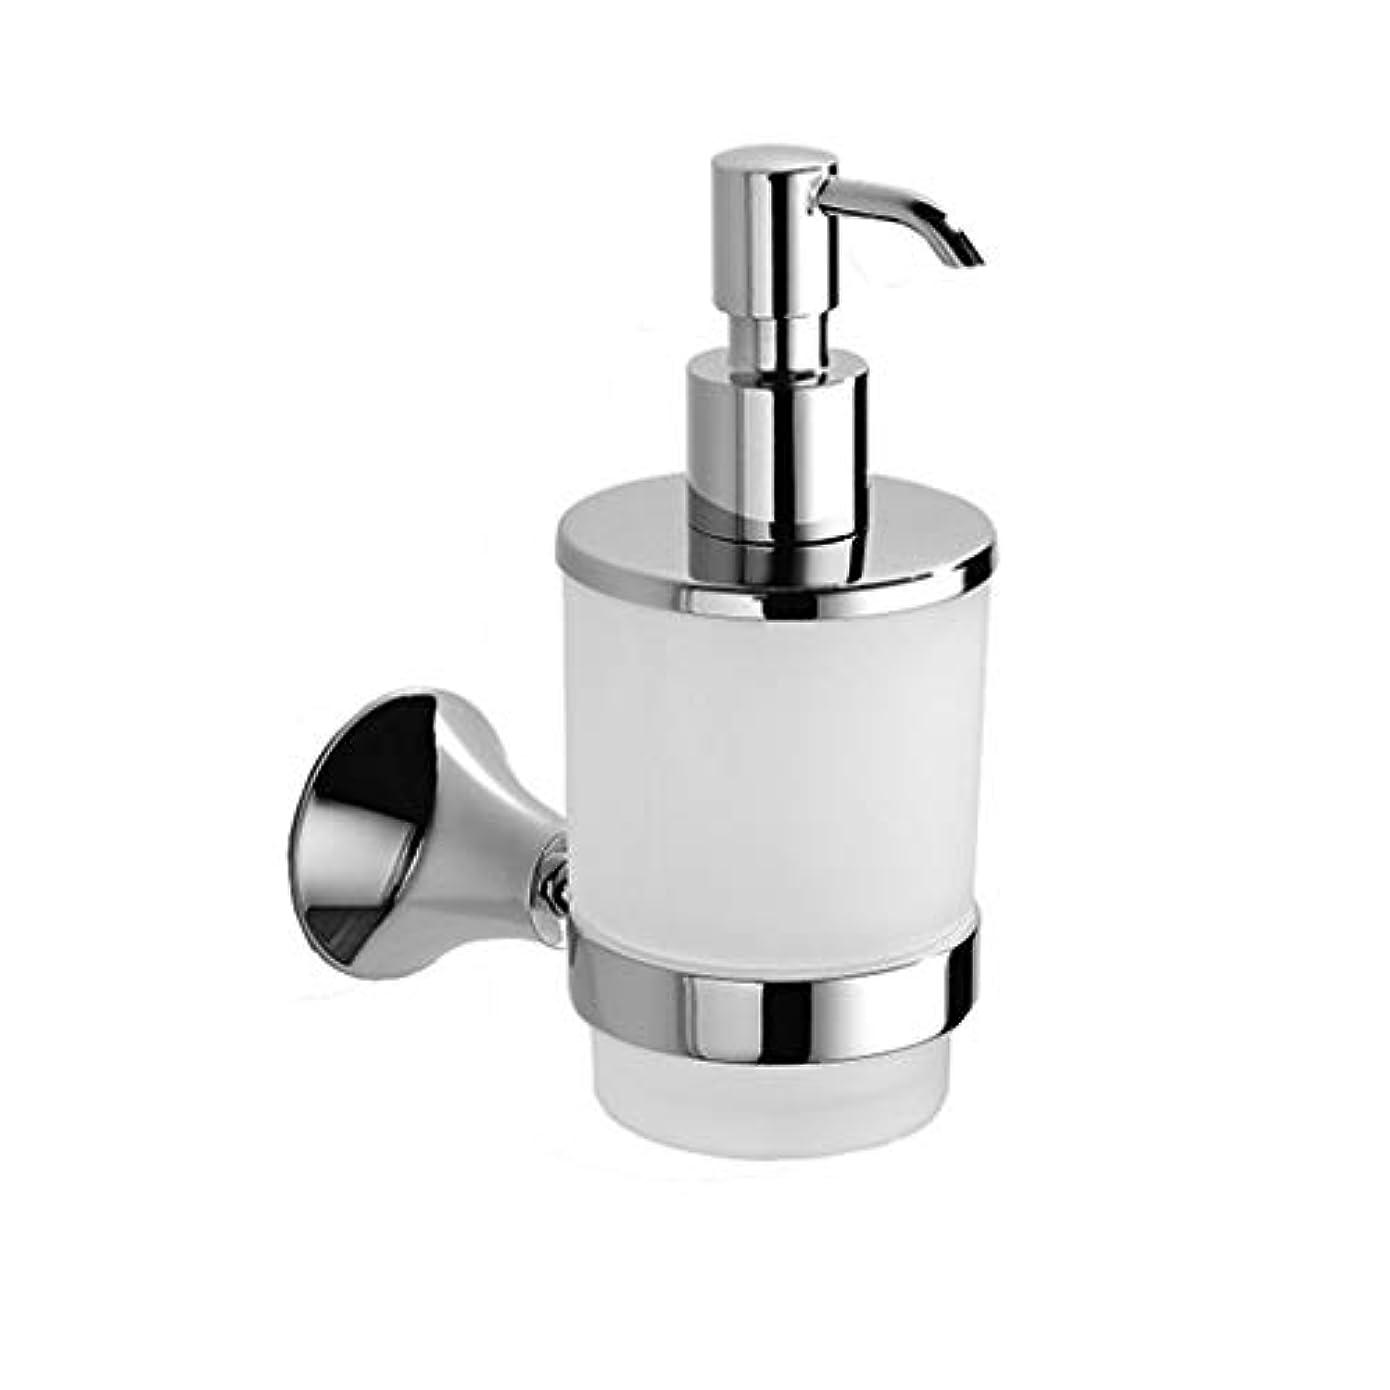 ブローホールテーブルを設定する精巧なKylinssh 台所の流し、ステンレス鋼、商業用等級の液体皿ディスペンサーポンプのための石鹸ディスペンサー、設計300mlで造られて